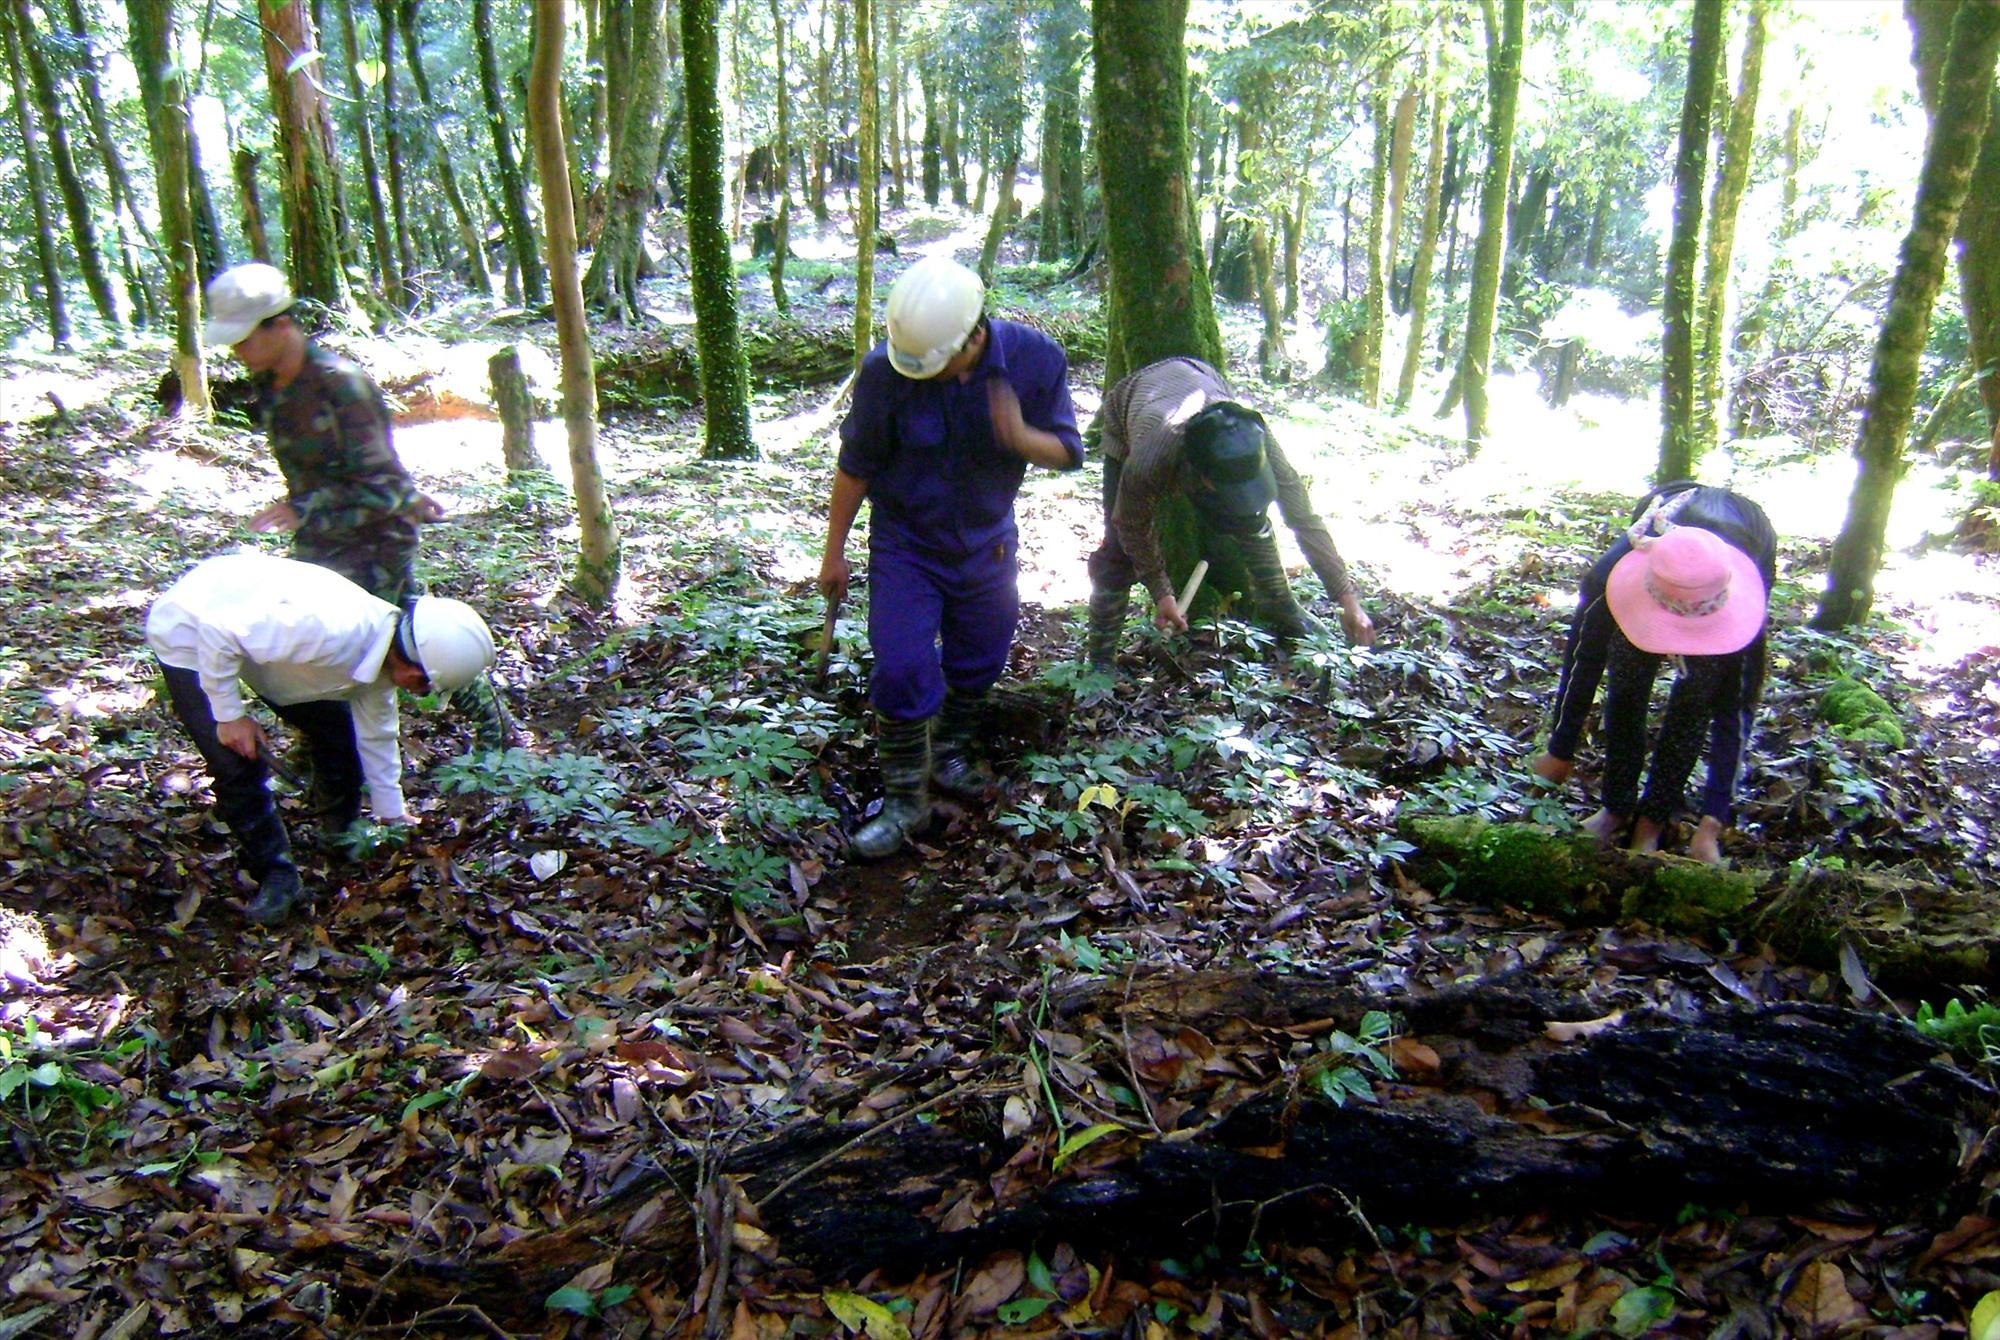 Các hộ trồng sâm Ngọc Linh chăm sóc phục hồi vườn sâm sau mưa lũ. Ảnh: Đ.N